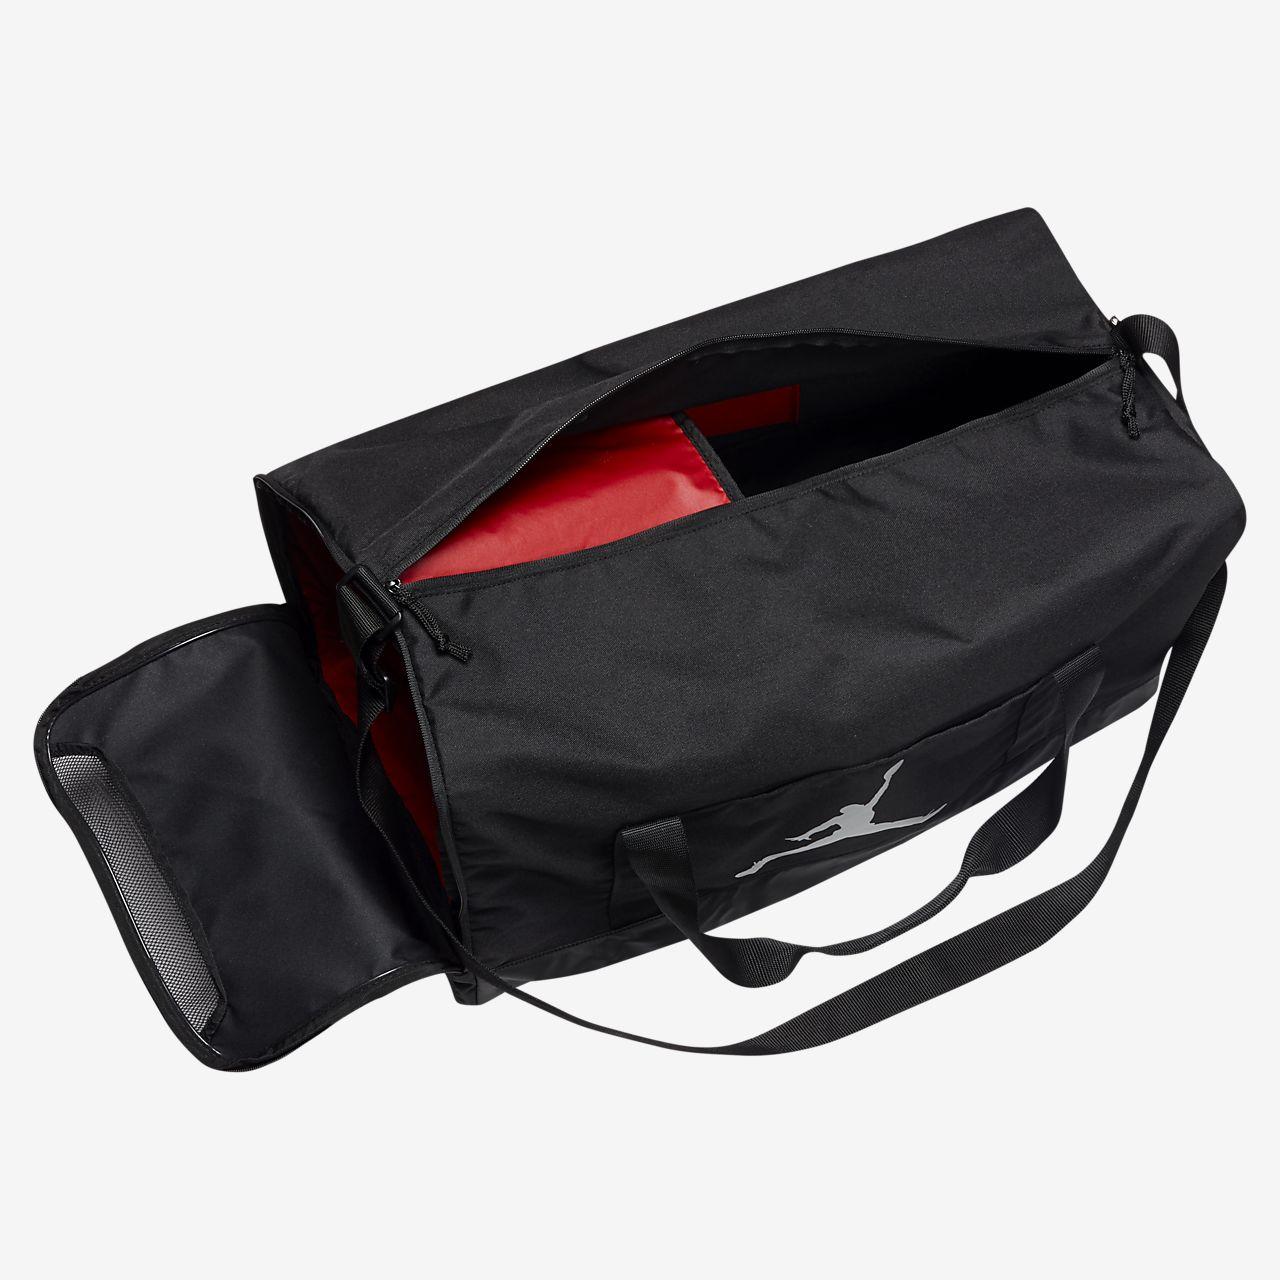 01a65ced5c Un choix unique de nike sac de sport jordan | Achetez une variété de ...